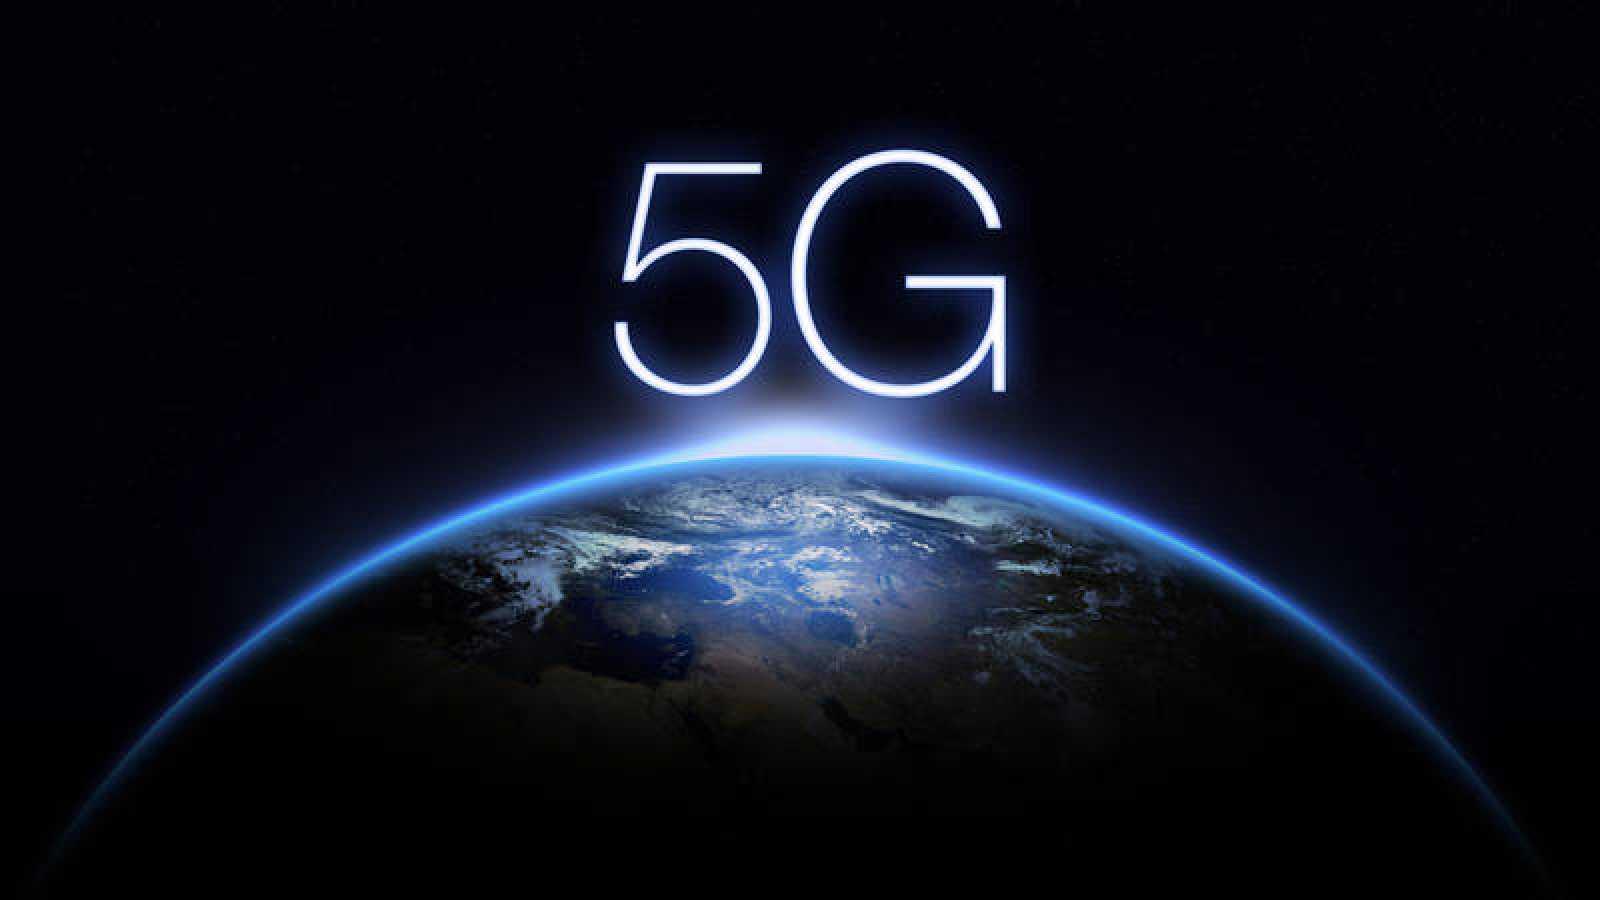 Te contamos algunas ventajas del 5G